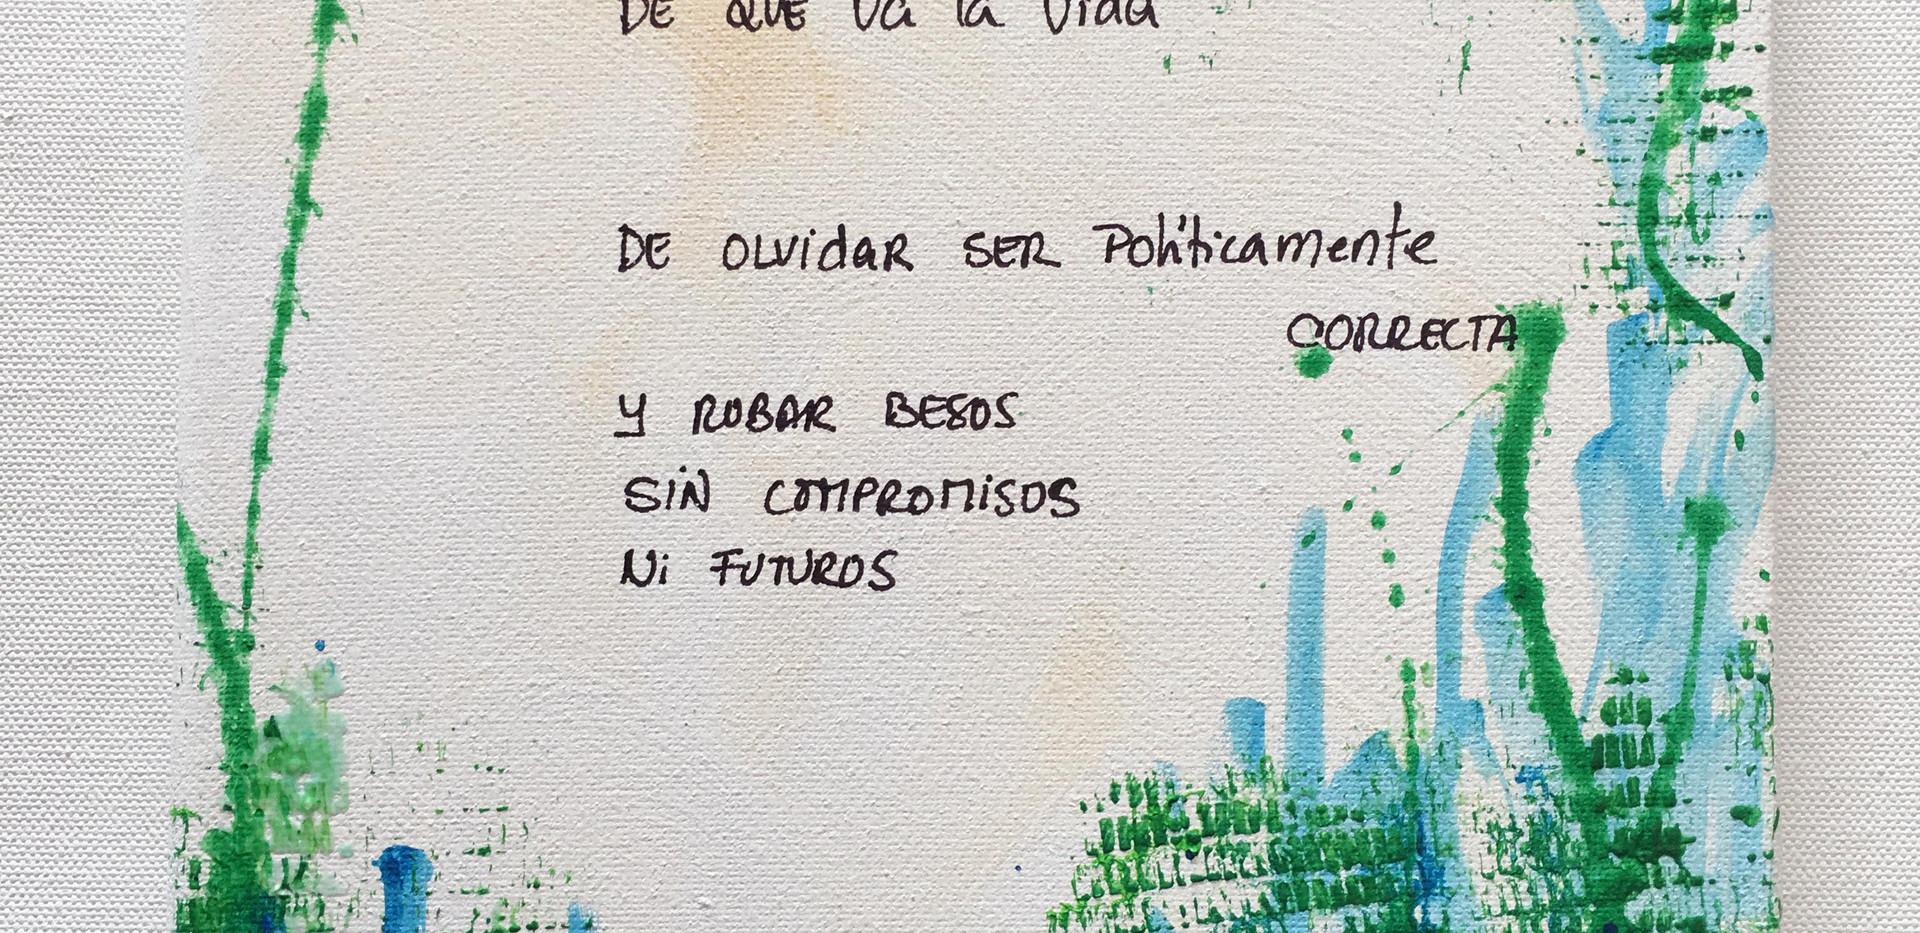 Karina Matheus - De qué va la vida (detail)